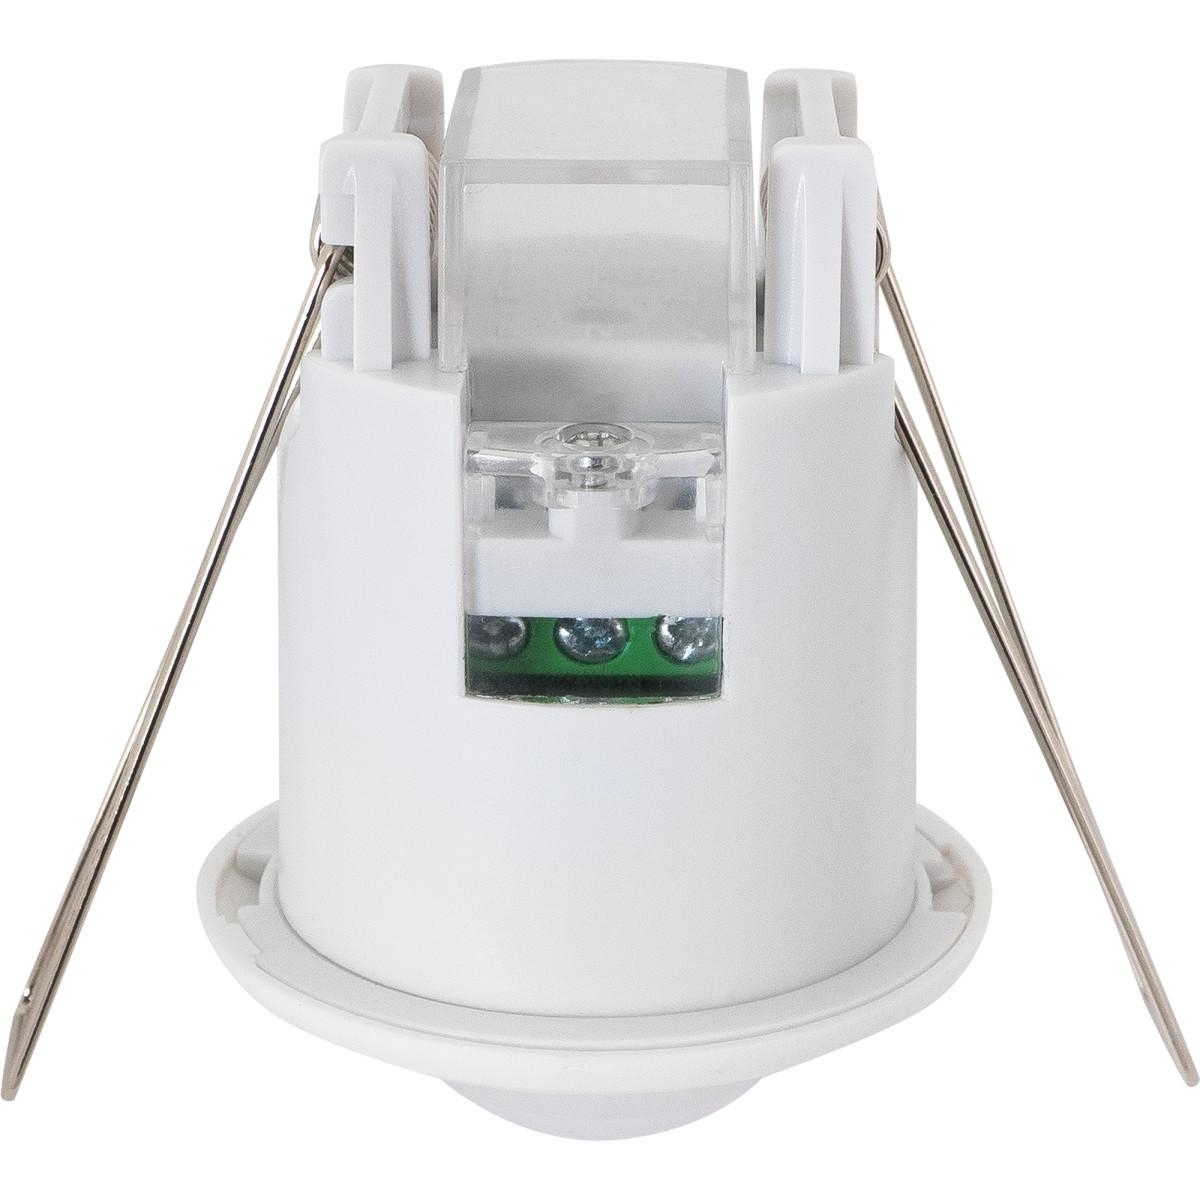 Датчик движения встраиваемый Mini потолочный радиус действия 3 м 800 Вт цвет белый IP20